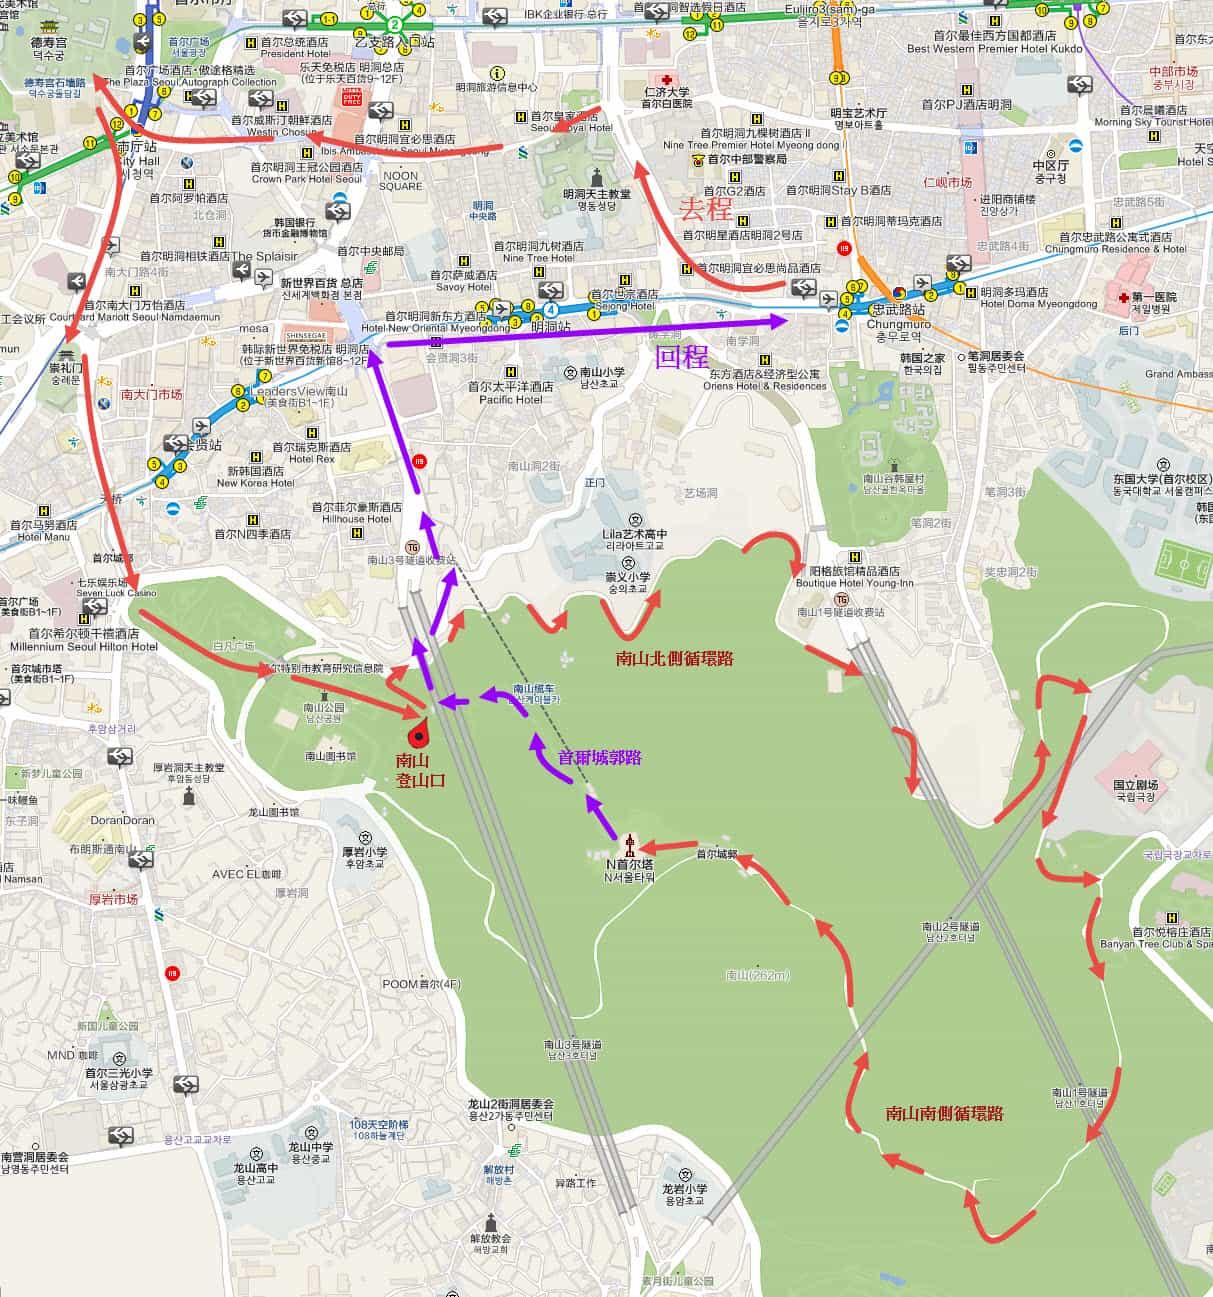 首爾市一天賞紅楓路線遠足路線地圖